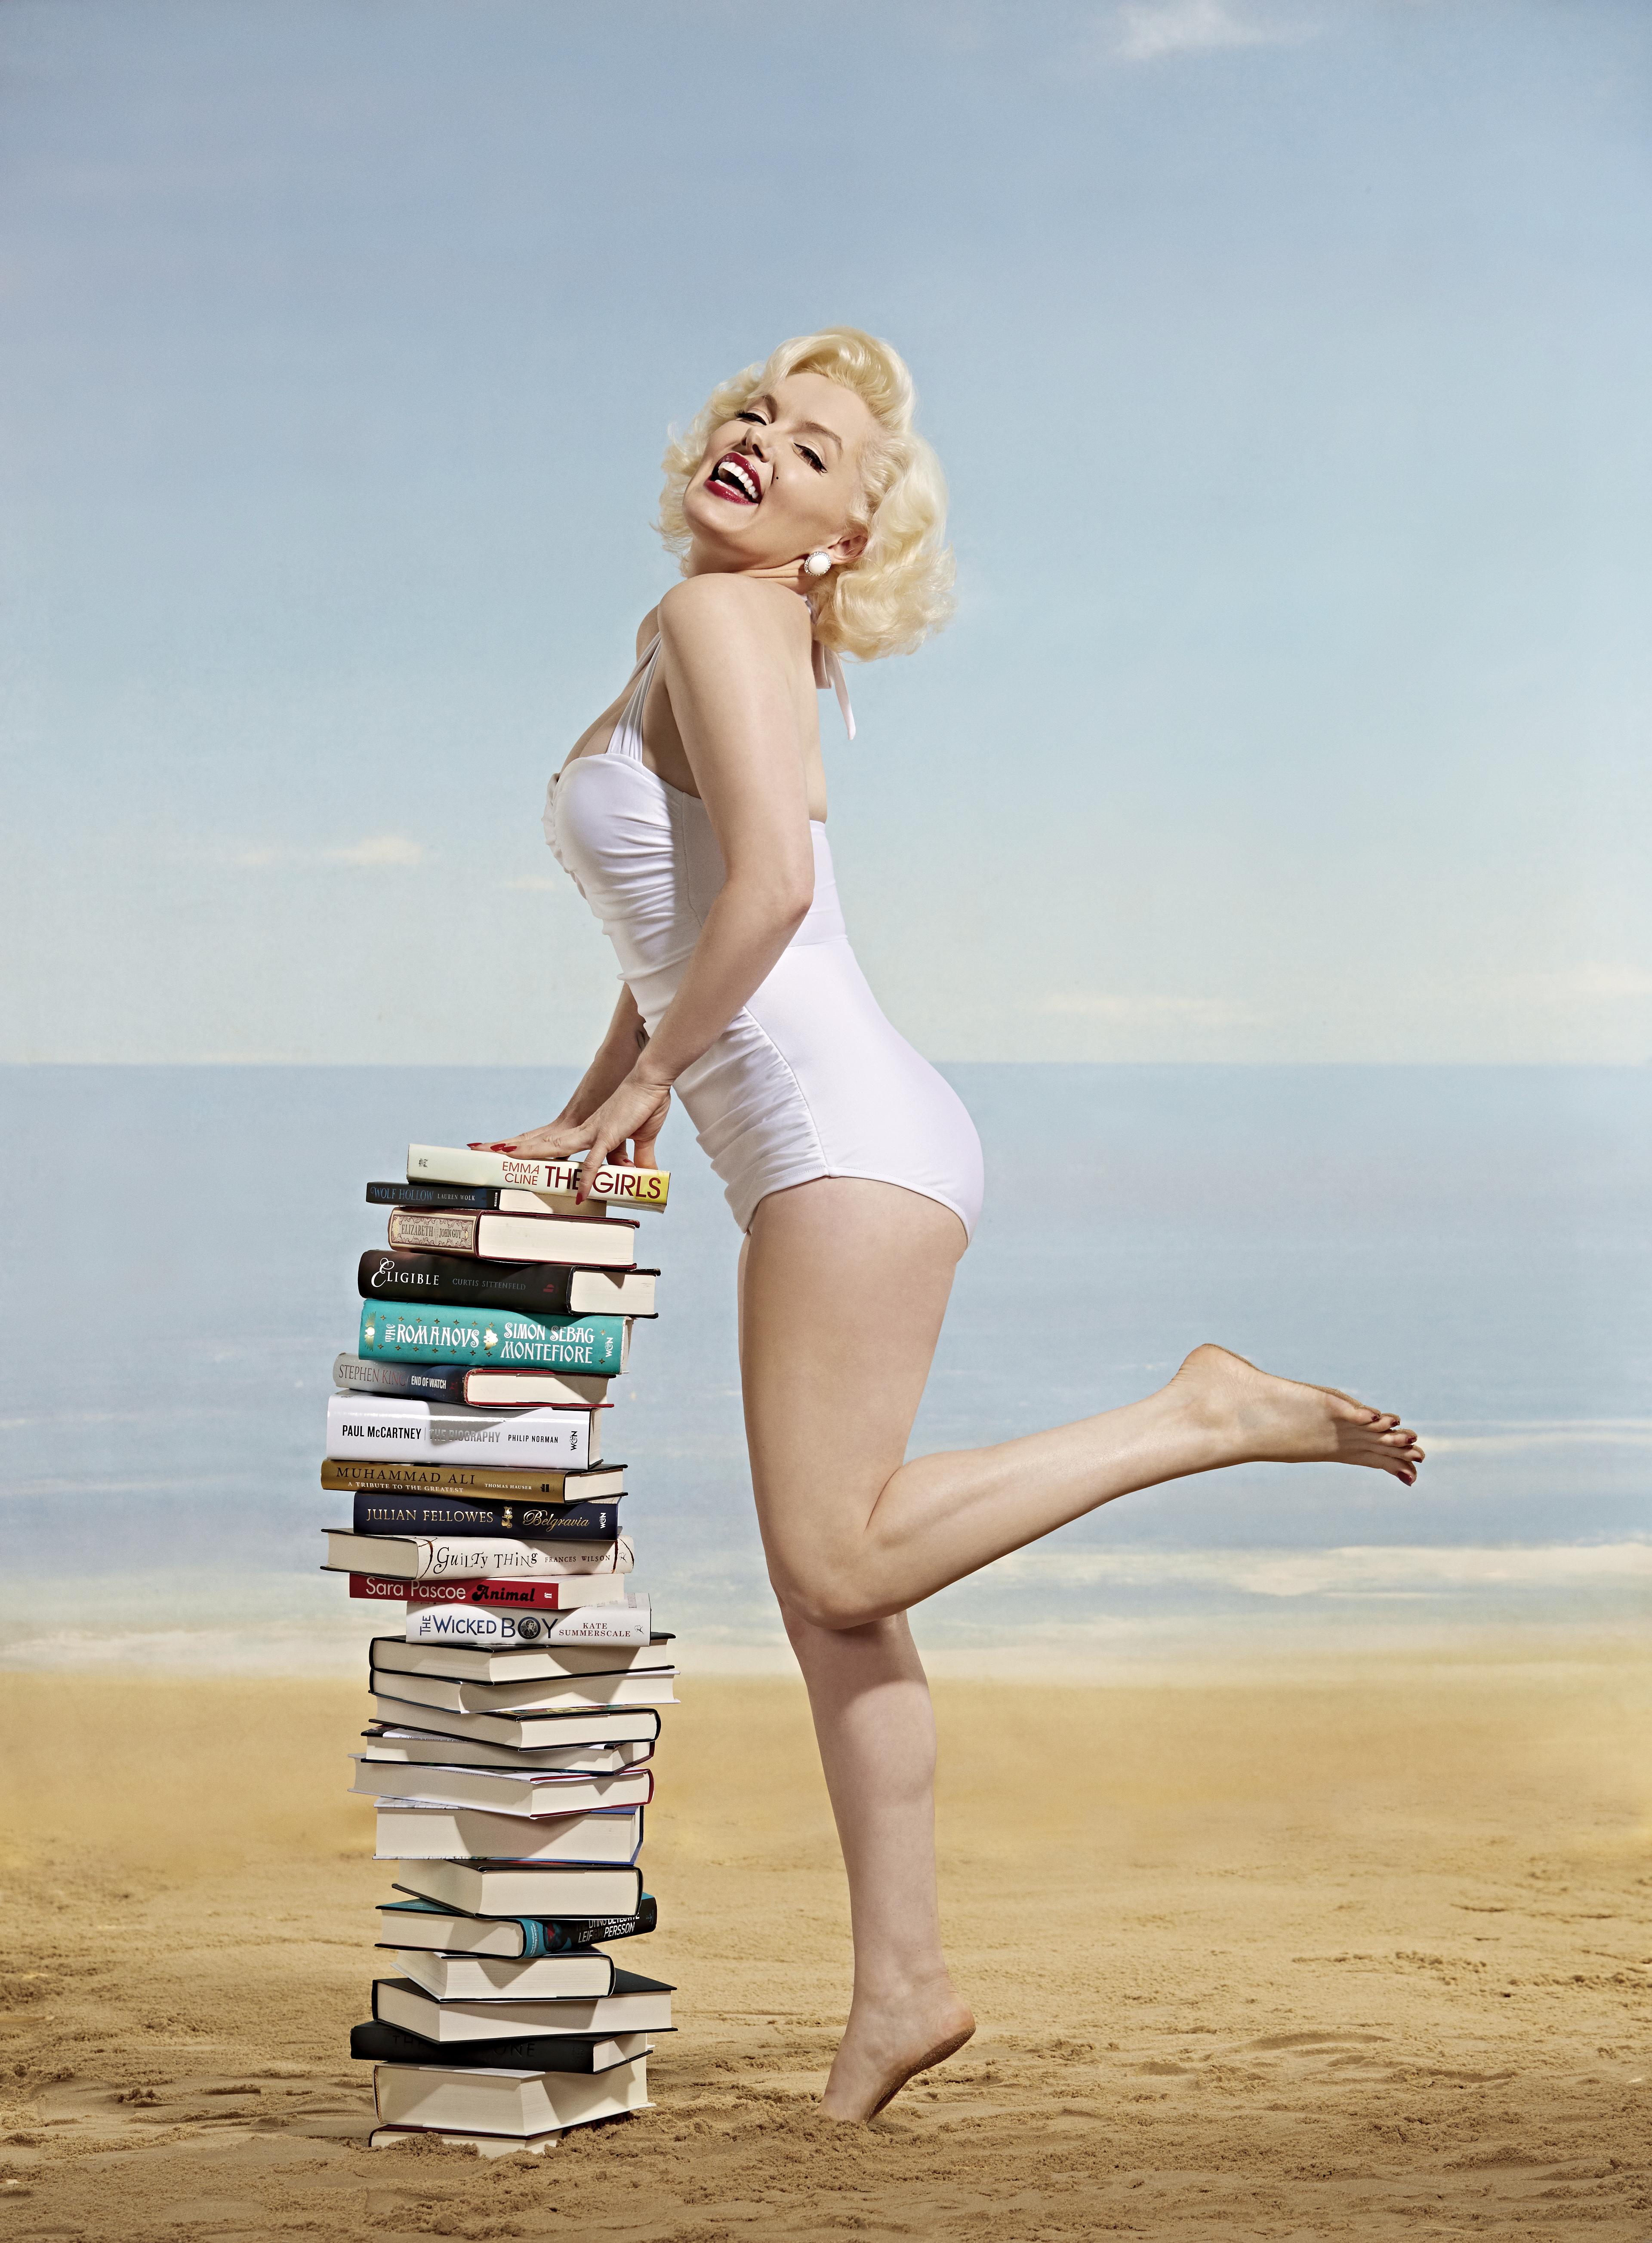 Suzie Kennedy As Marilyn Monroe Modelling